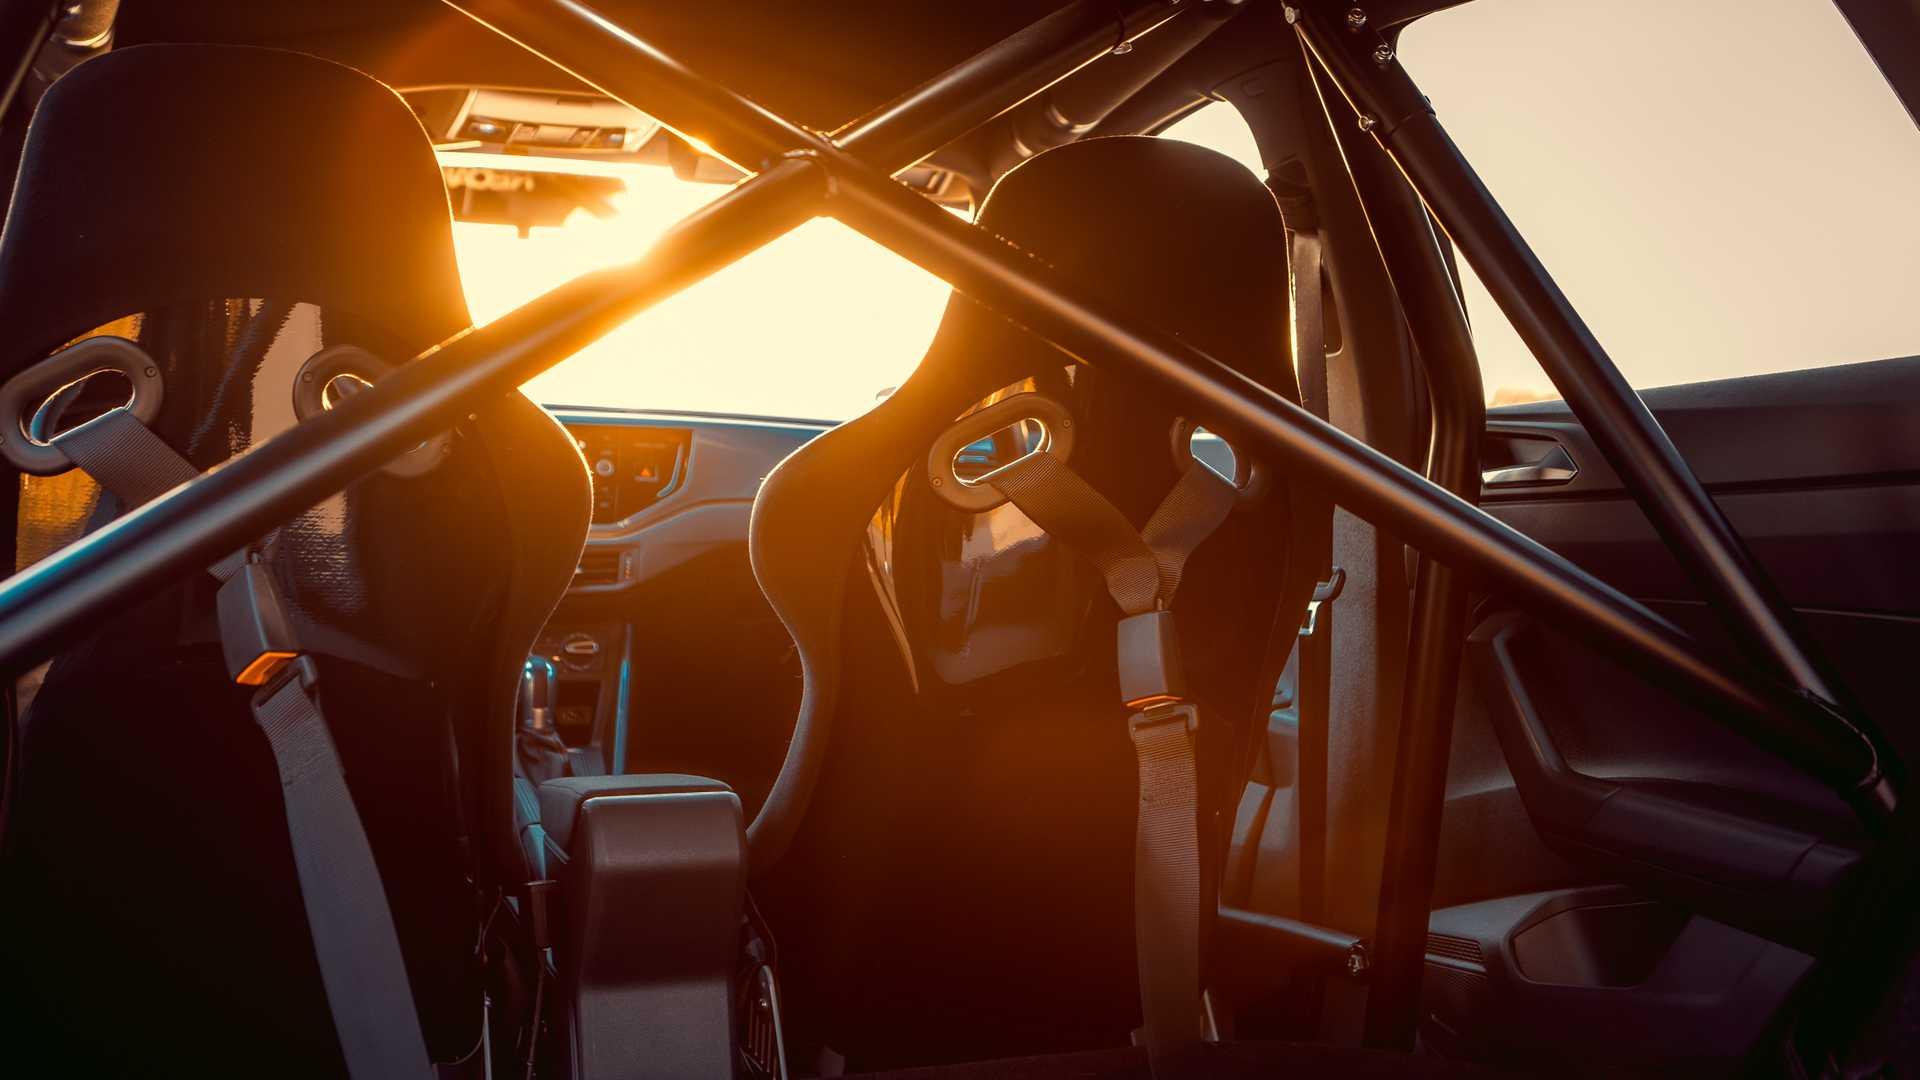 Volkswagen-Polo-GTI-by-Siemoneit-Racing-14